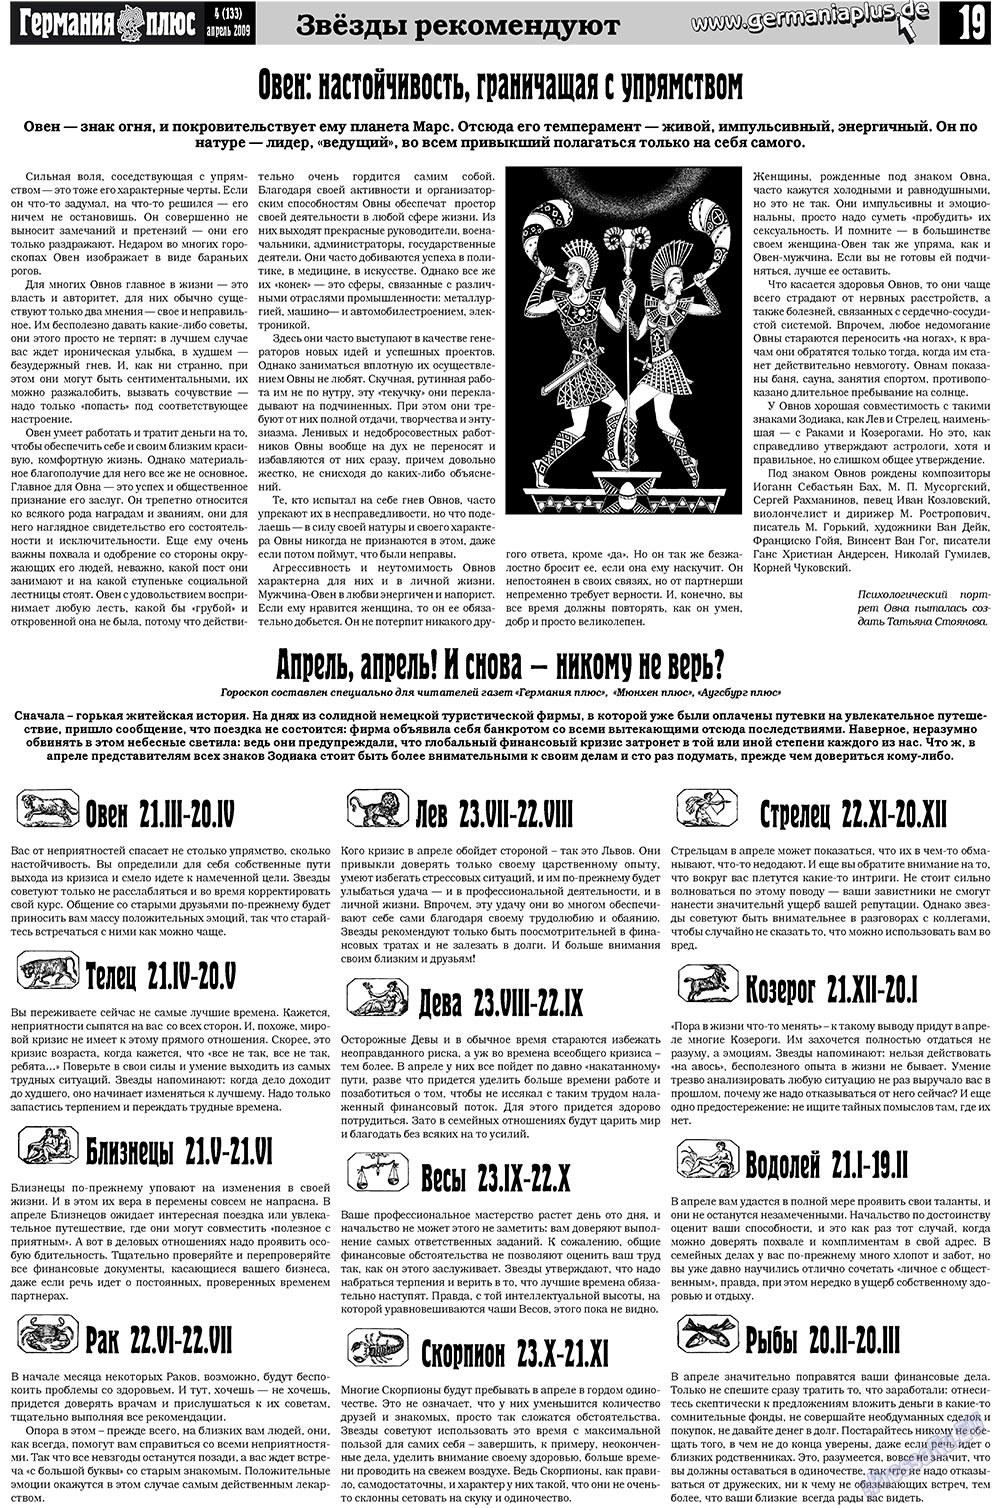 Германия плюс (газета). 2009 год, номер 4, стр. 23